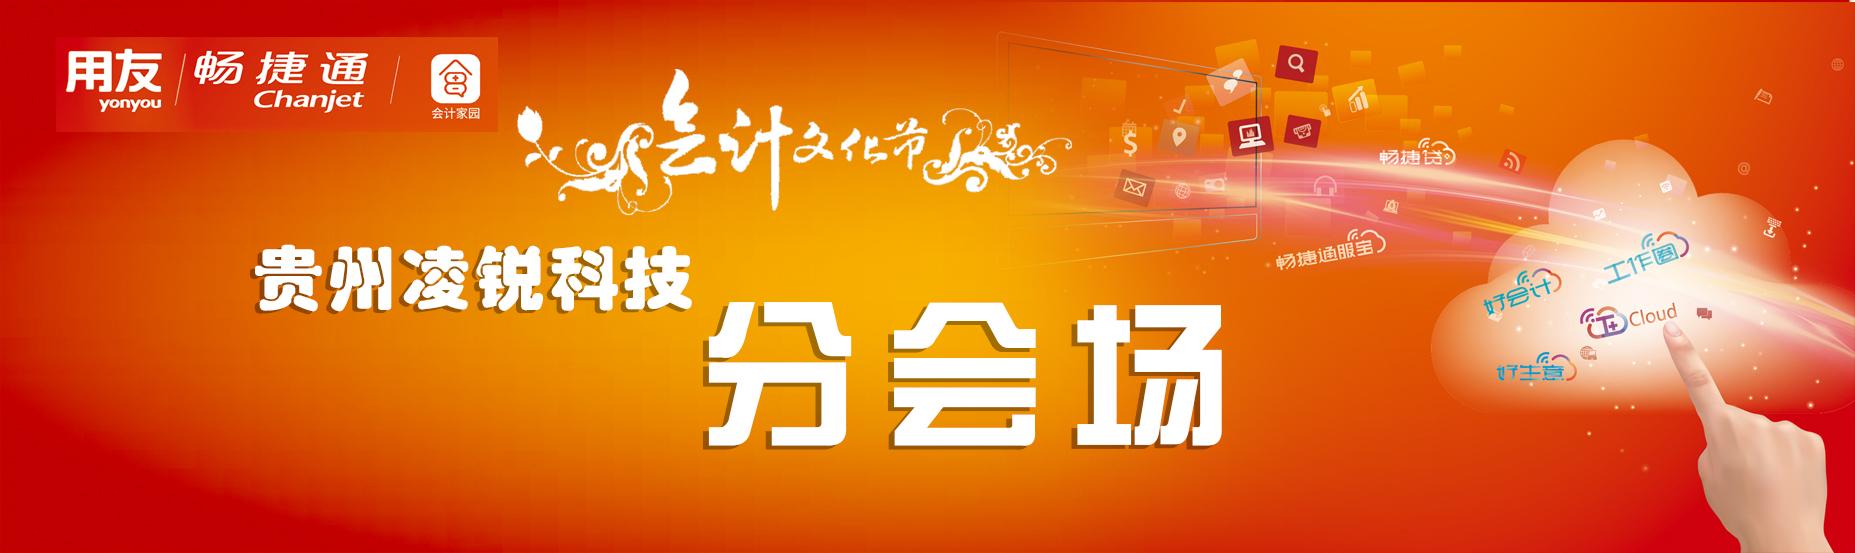 熱烈慶祝中華人民共和國成立70周年